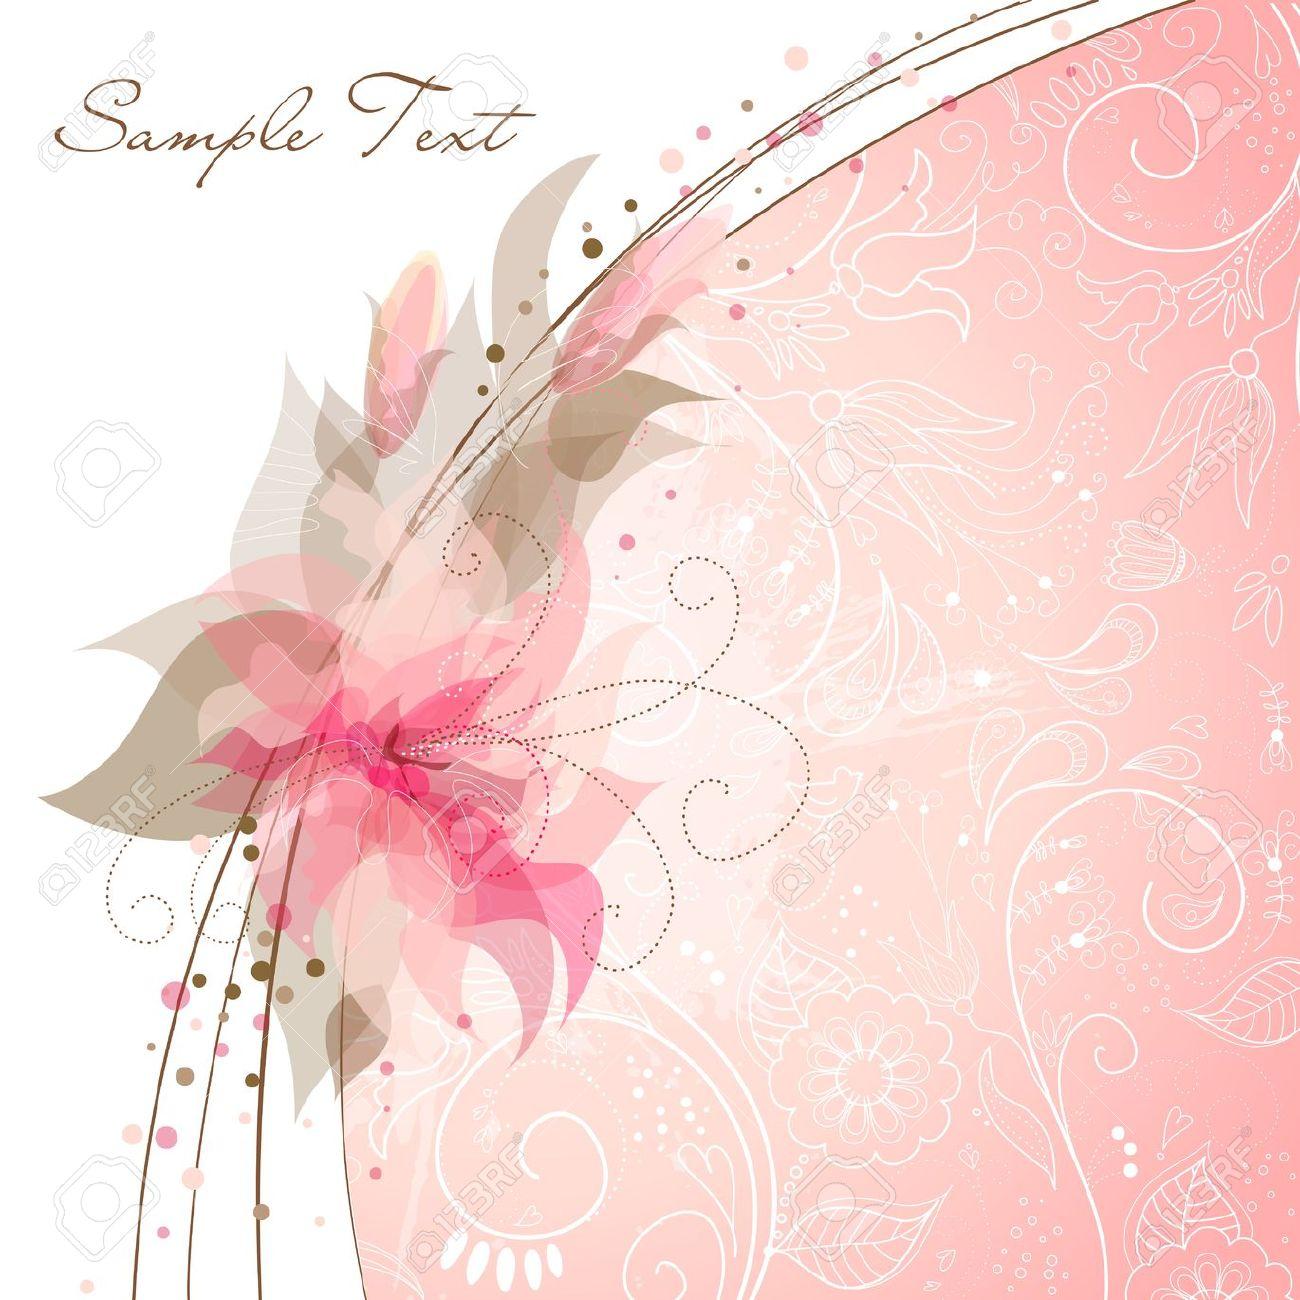 Wedding Invitation Pink Background Designs Download 4 1300x1300